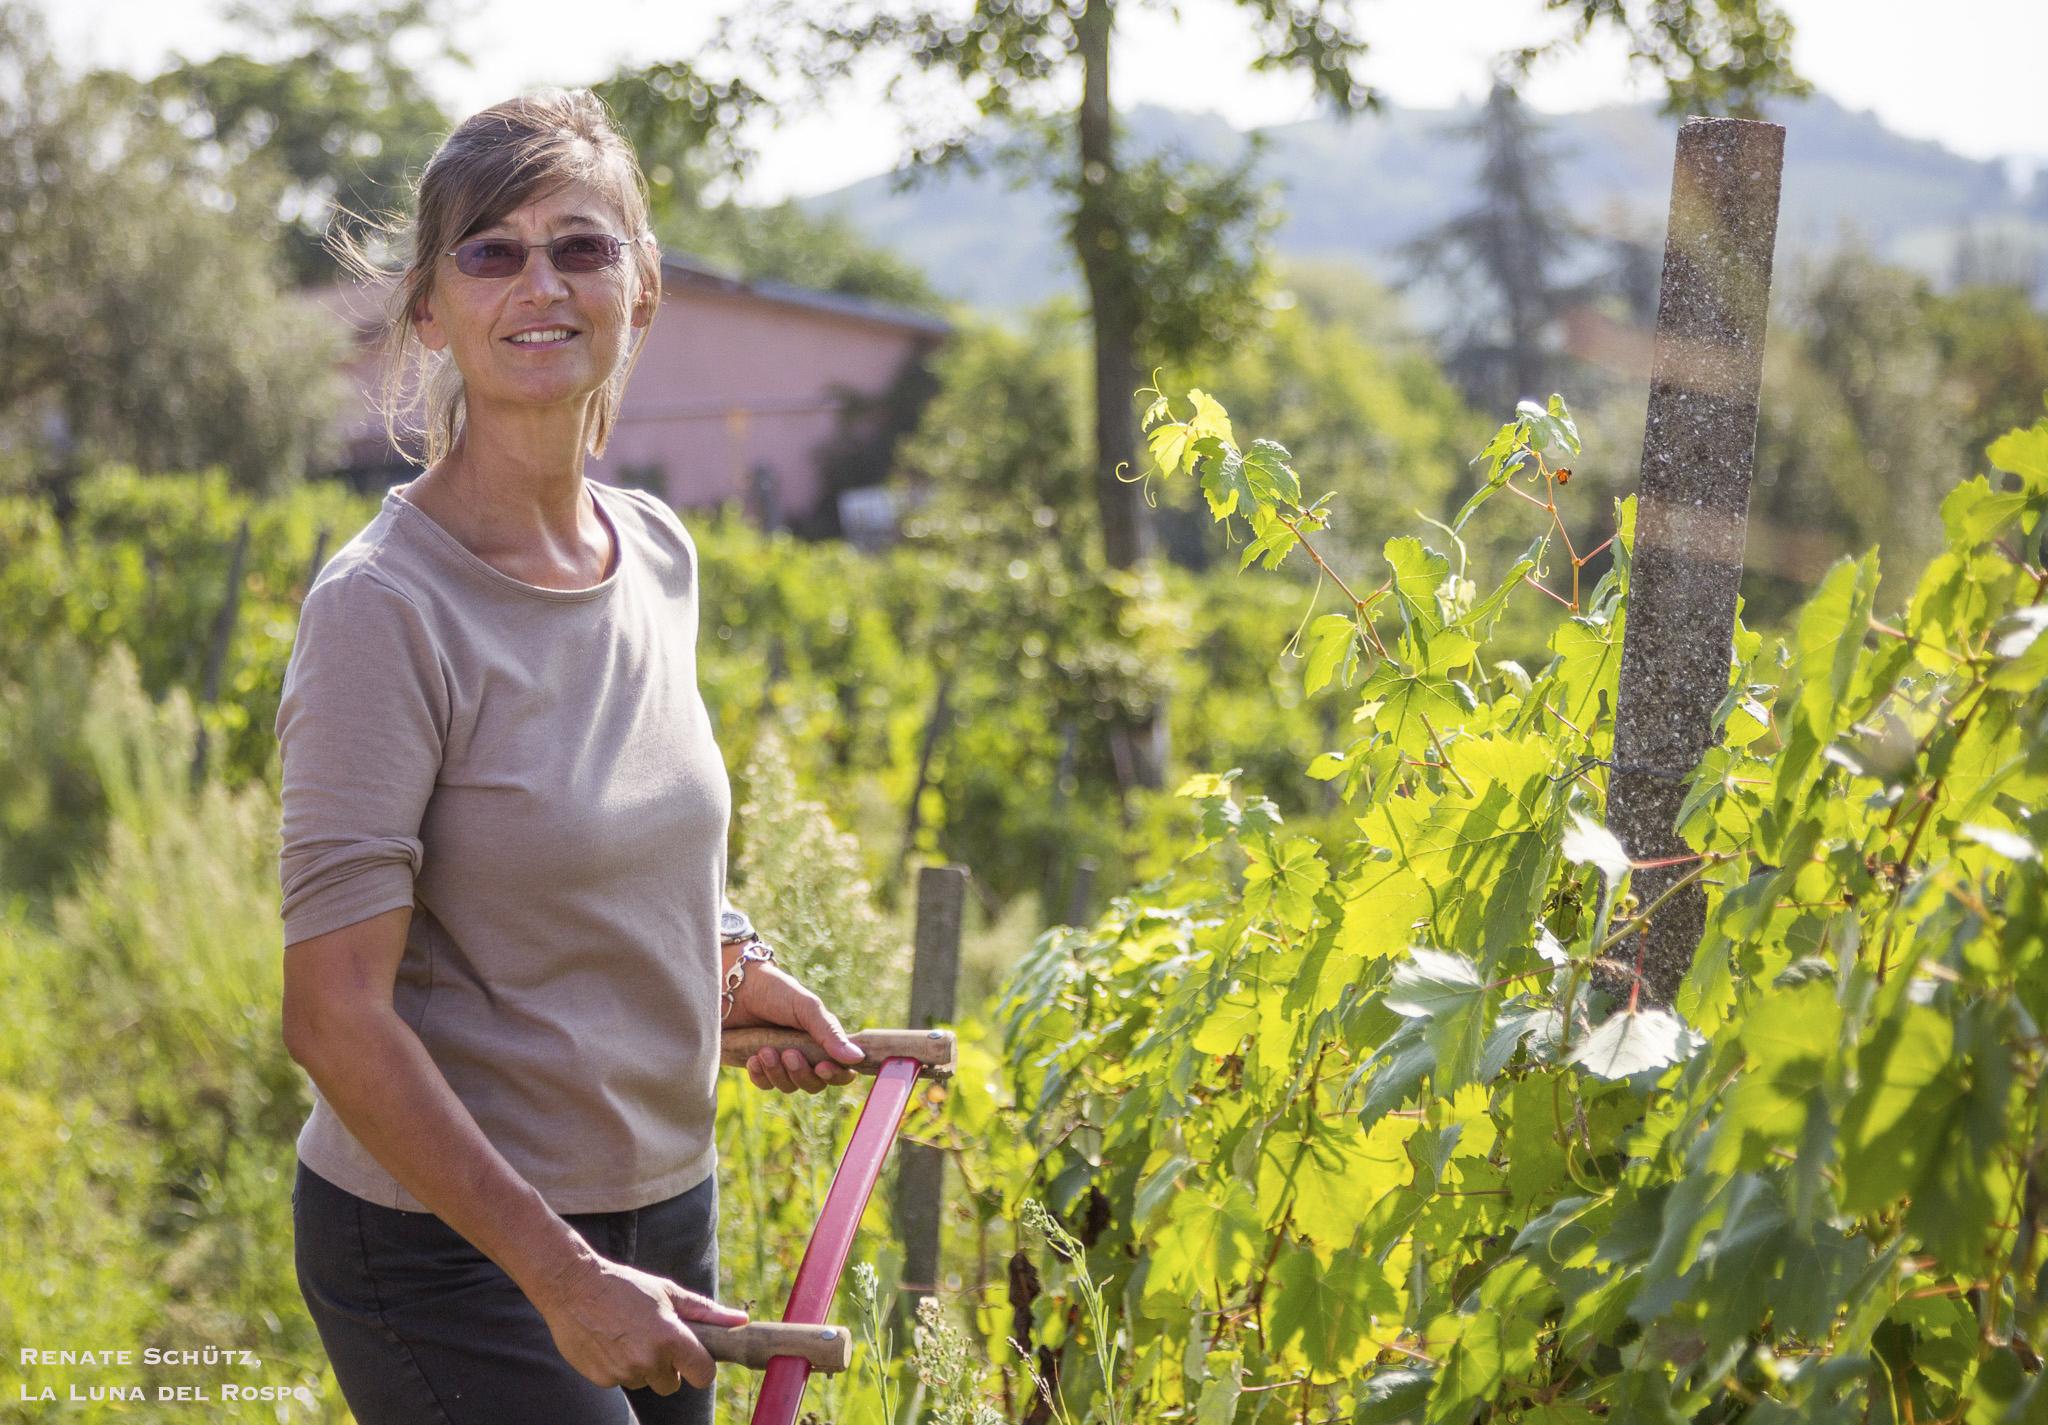 Winzerin Renate Schütz, ist oft mit der Sense in den Weinbergen unterwegs.La Luna del Rospo,